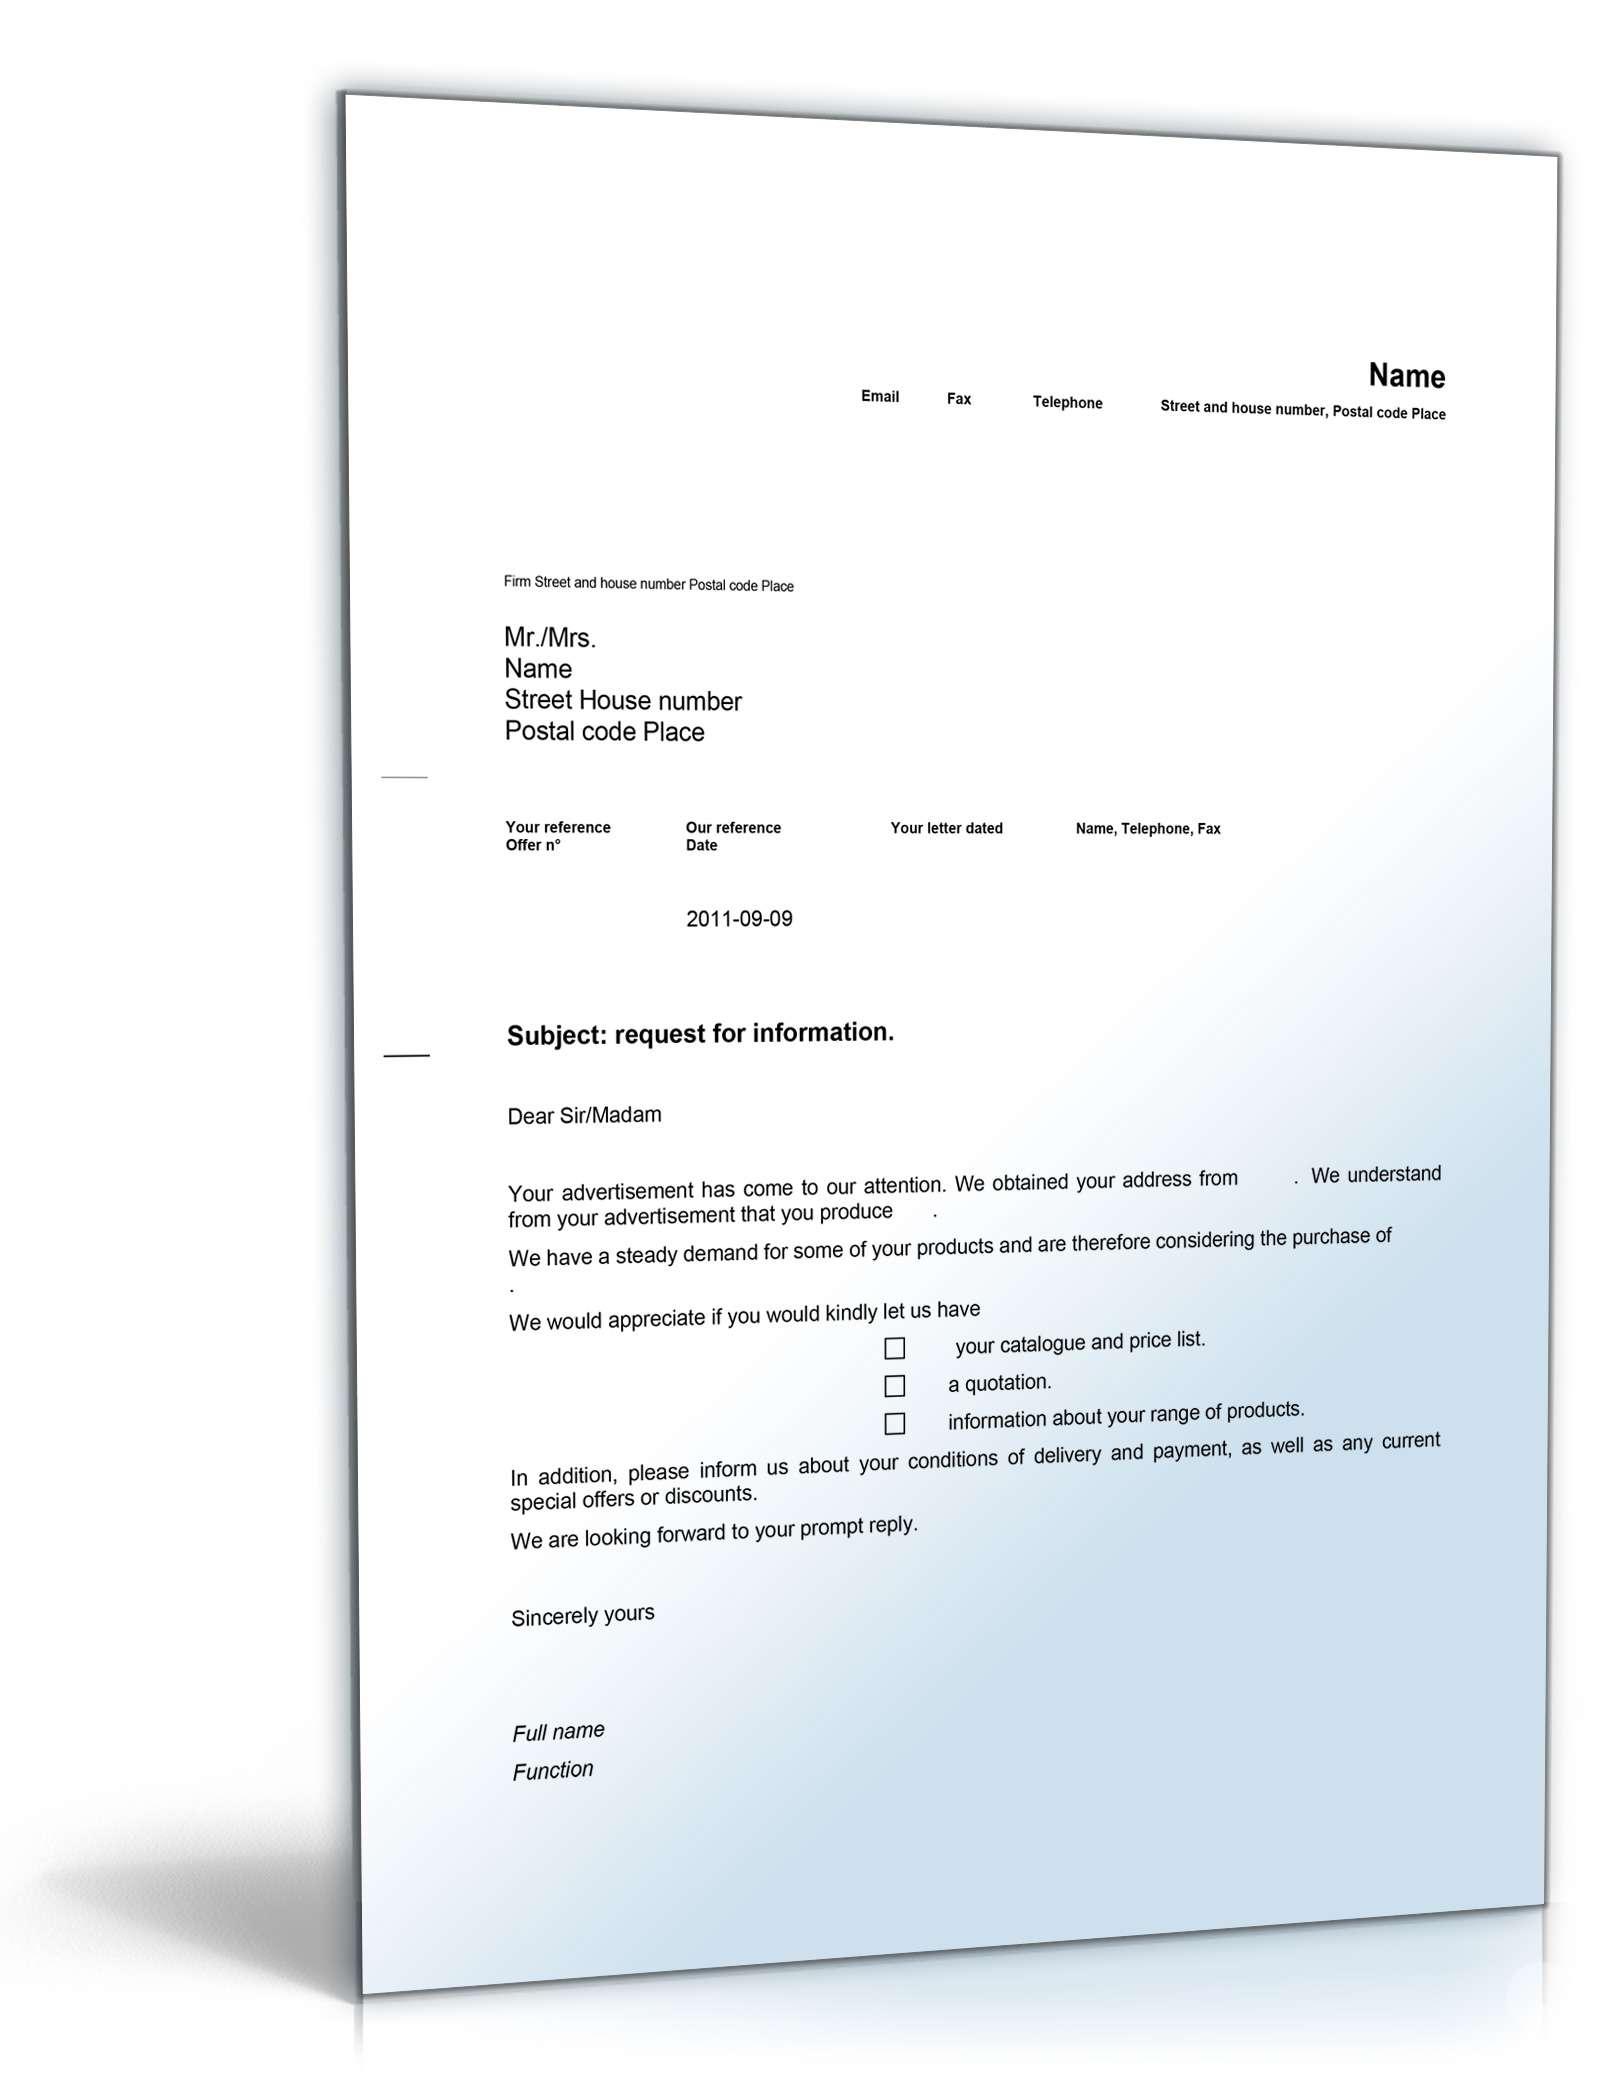 Anfrage Nach Weiteren Informationen Auf Englisch Musterbrief